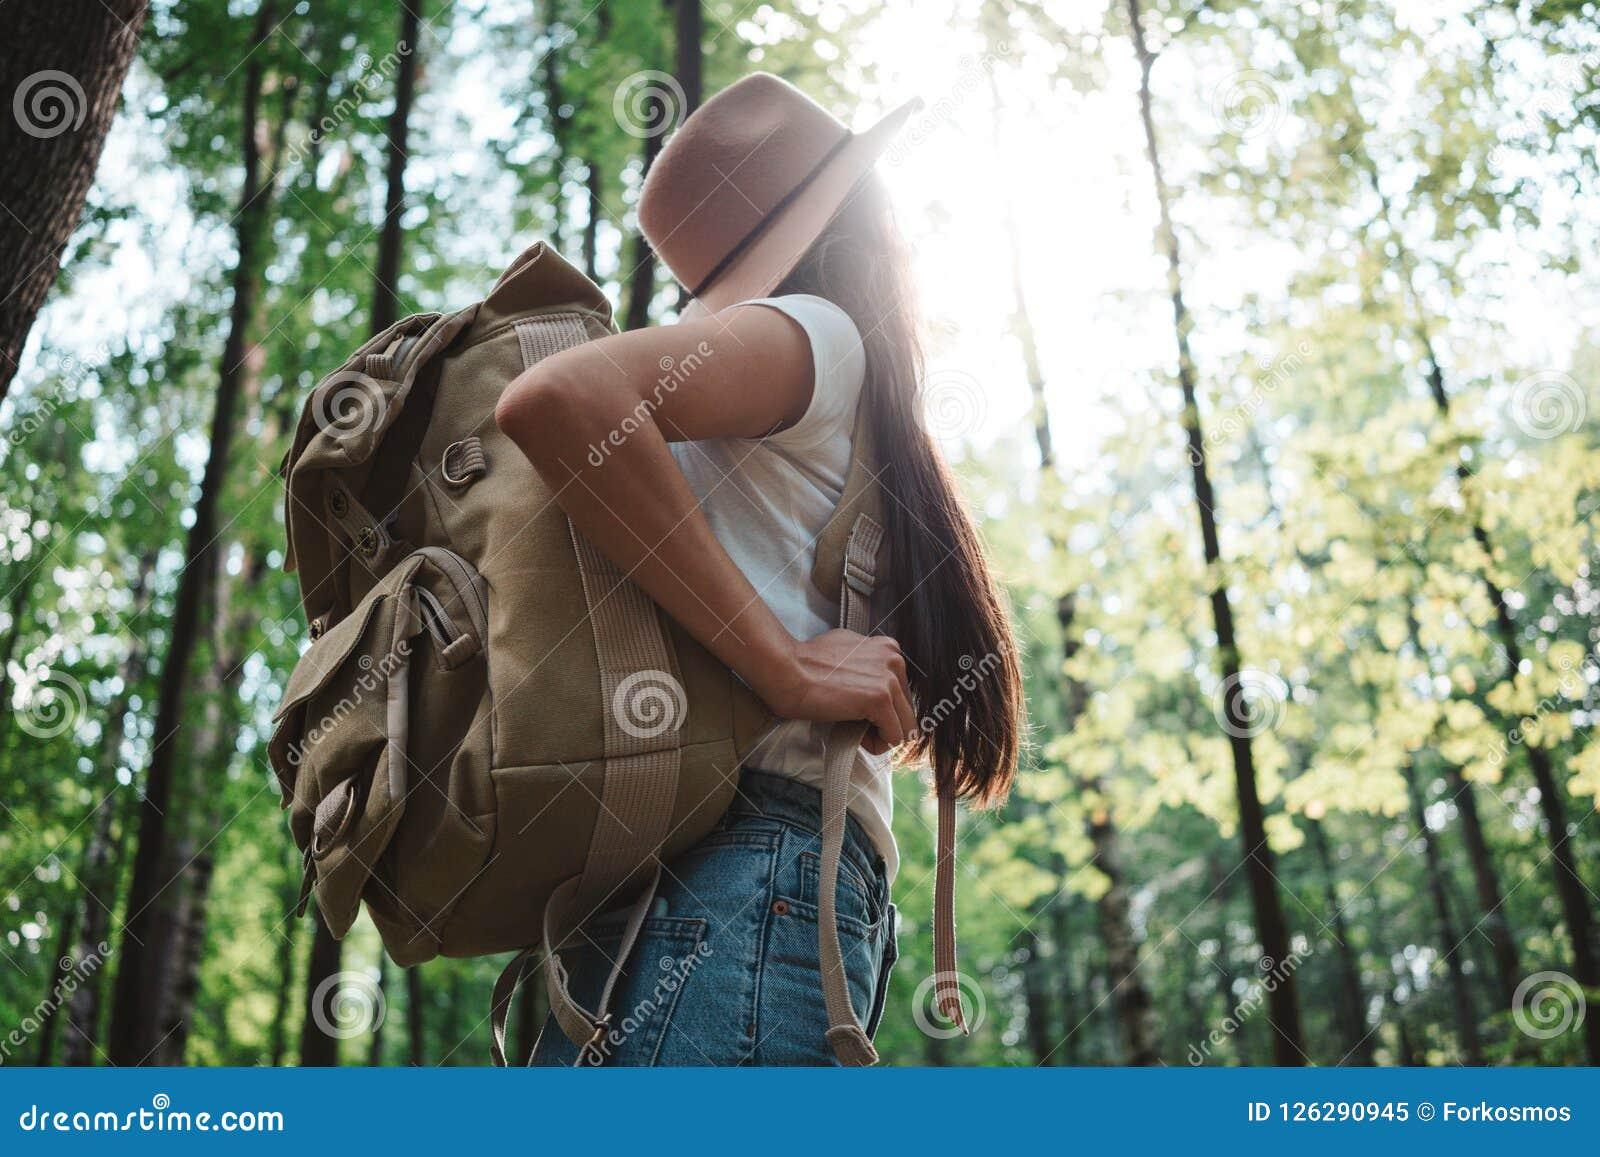 Muchacha del inconformista que viaja solamente y que mira alrededor en bosque en mapa de ubicación de la mochila y del control de